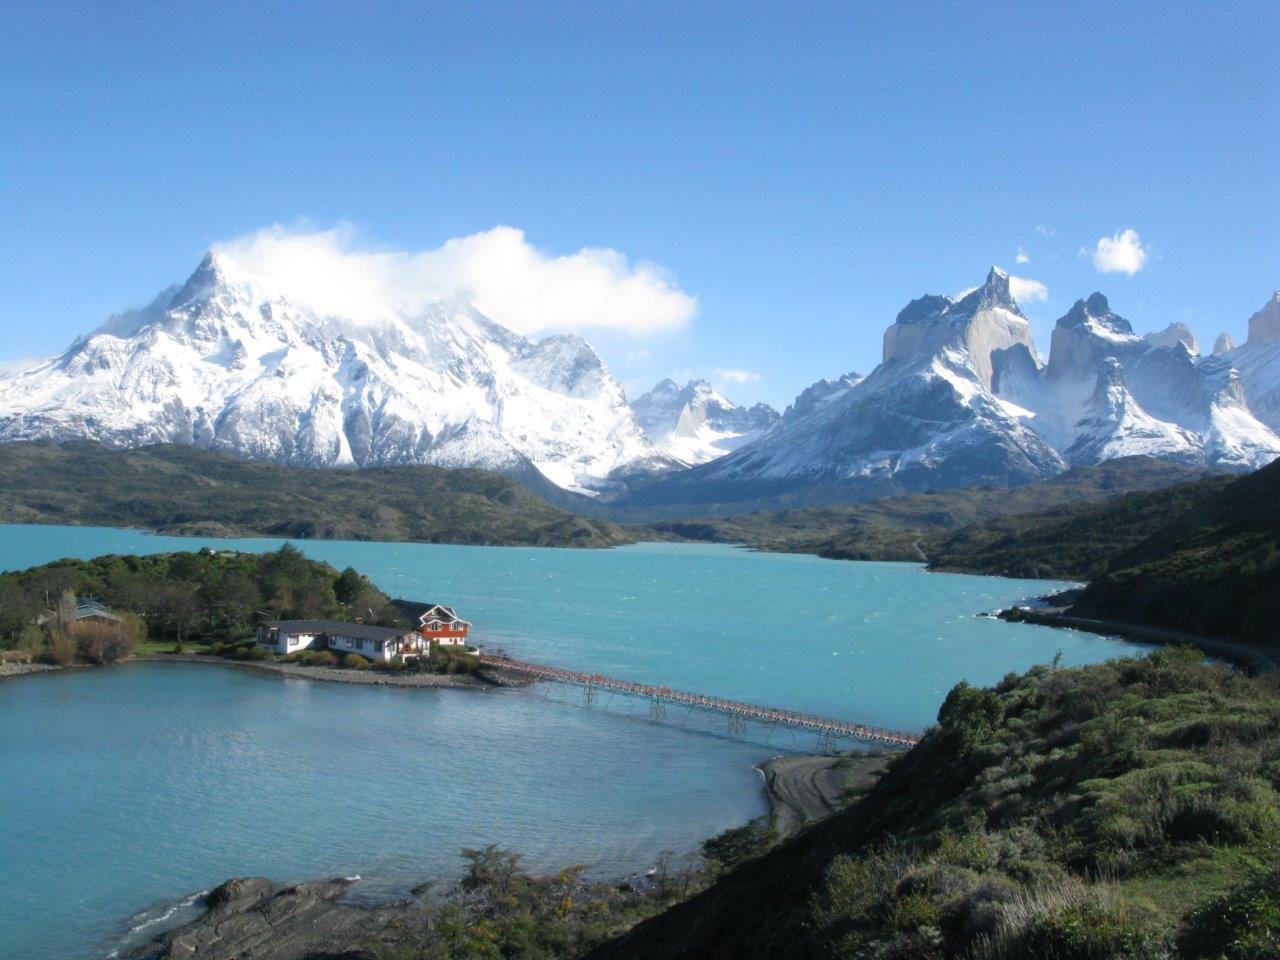 Estância Pehoe Torres del Paine Paula Bilenky - A patagônia Chilena e suas características. Descubra!